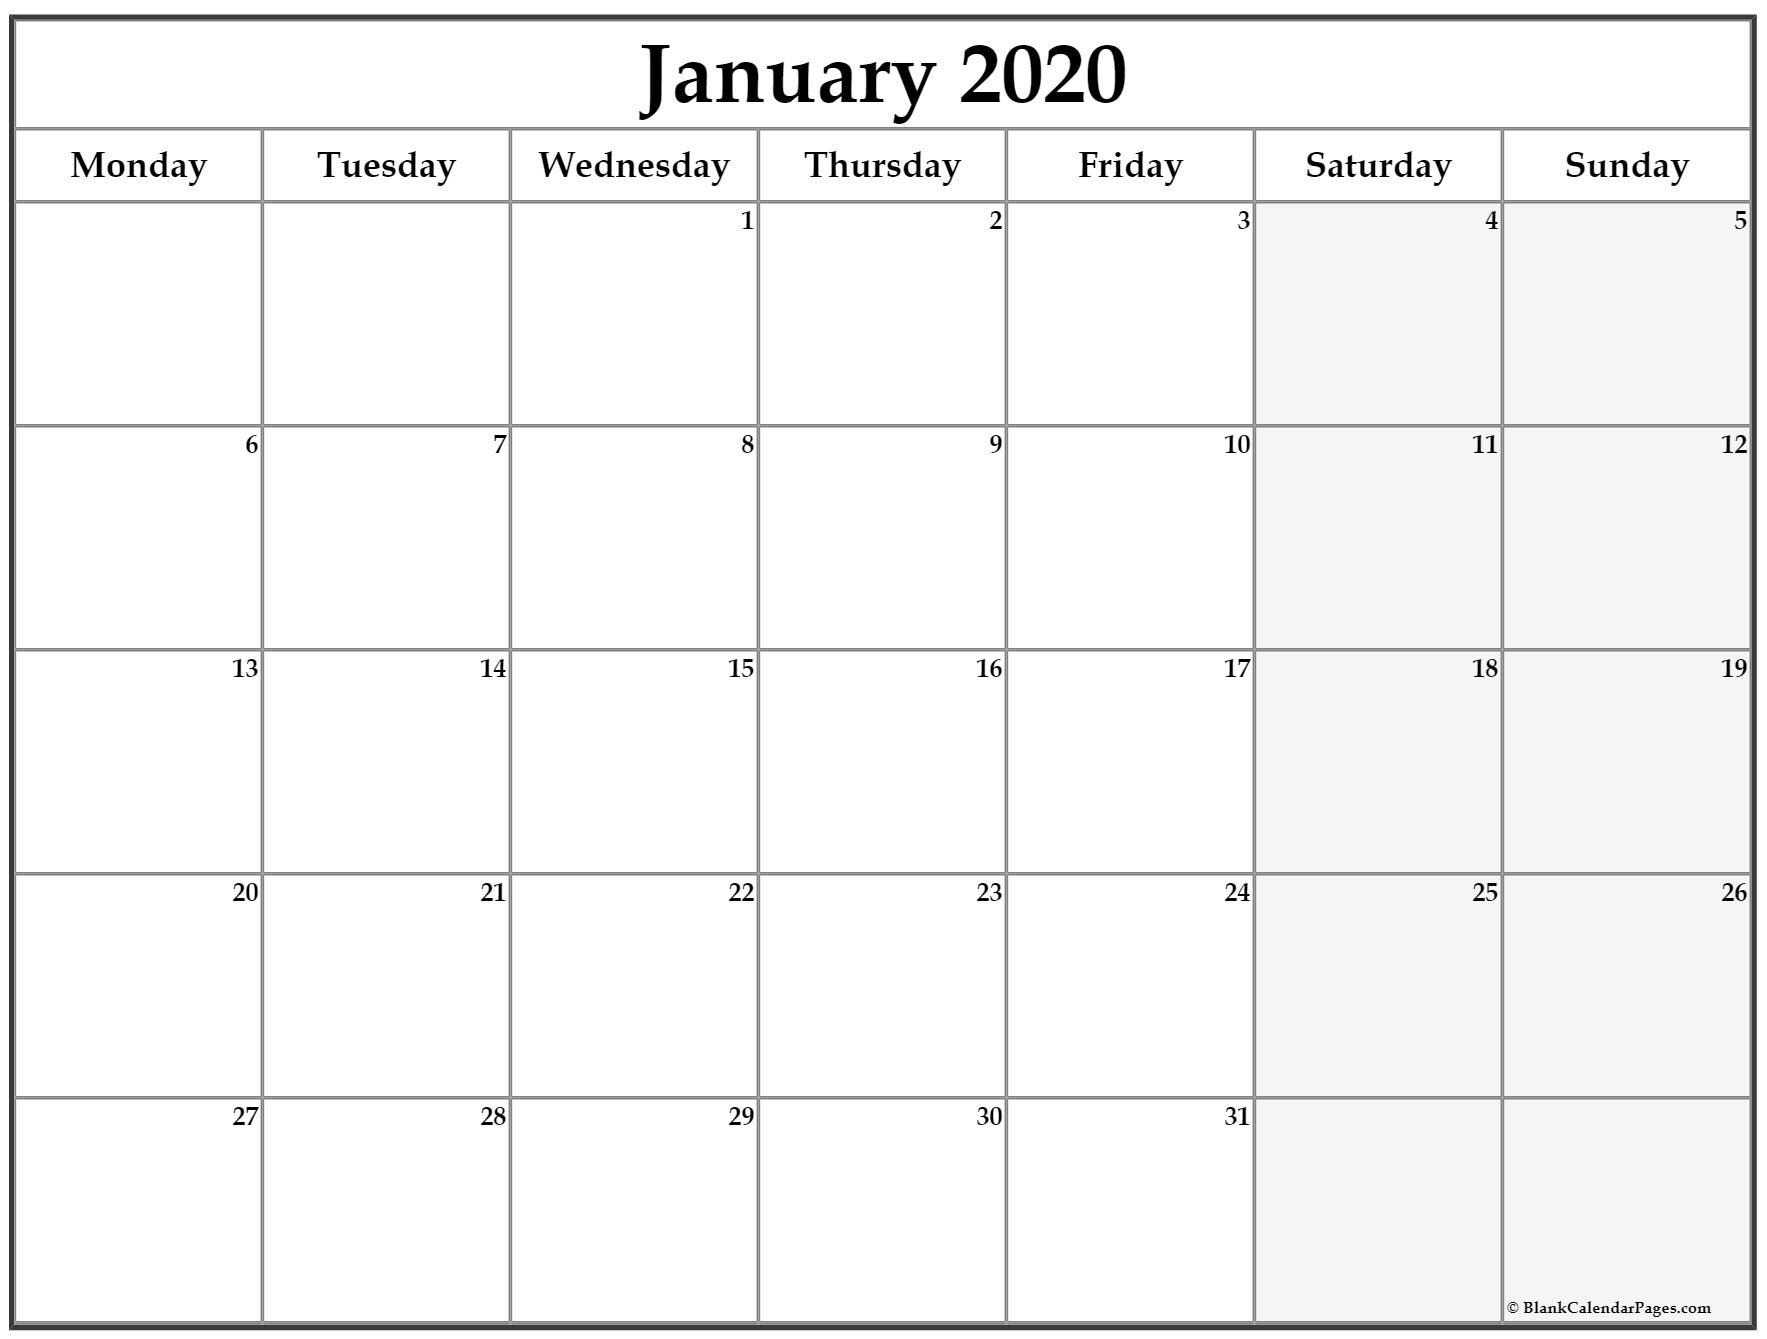 January 2020 Monday Calendar   Monday To Sunday throughout January 2020 Calendar Starting Monday